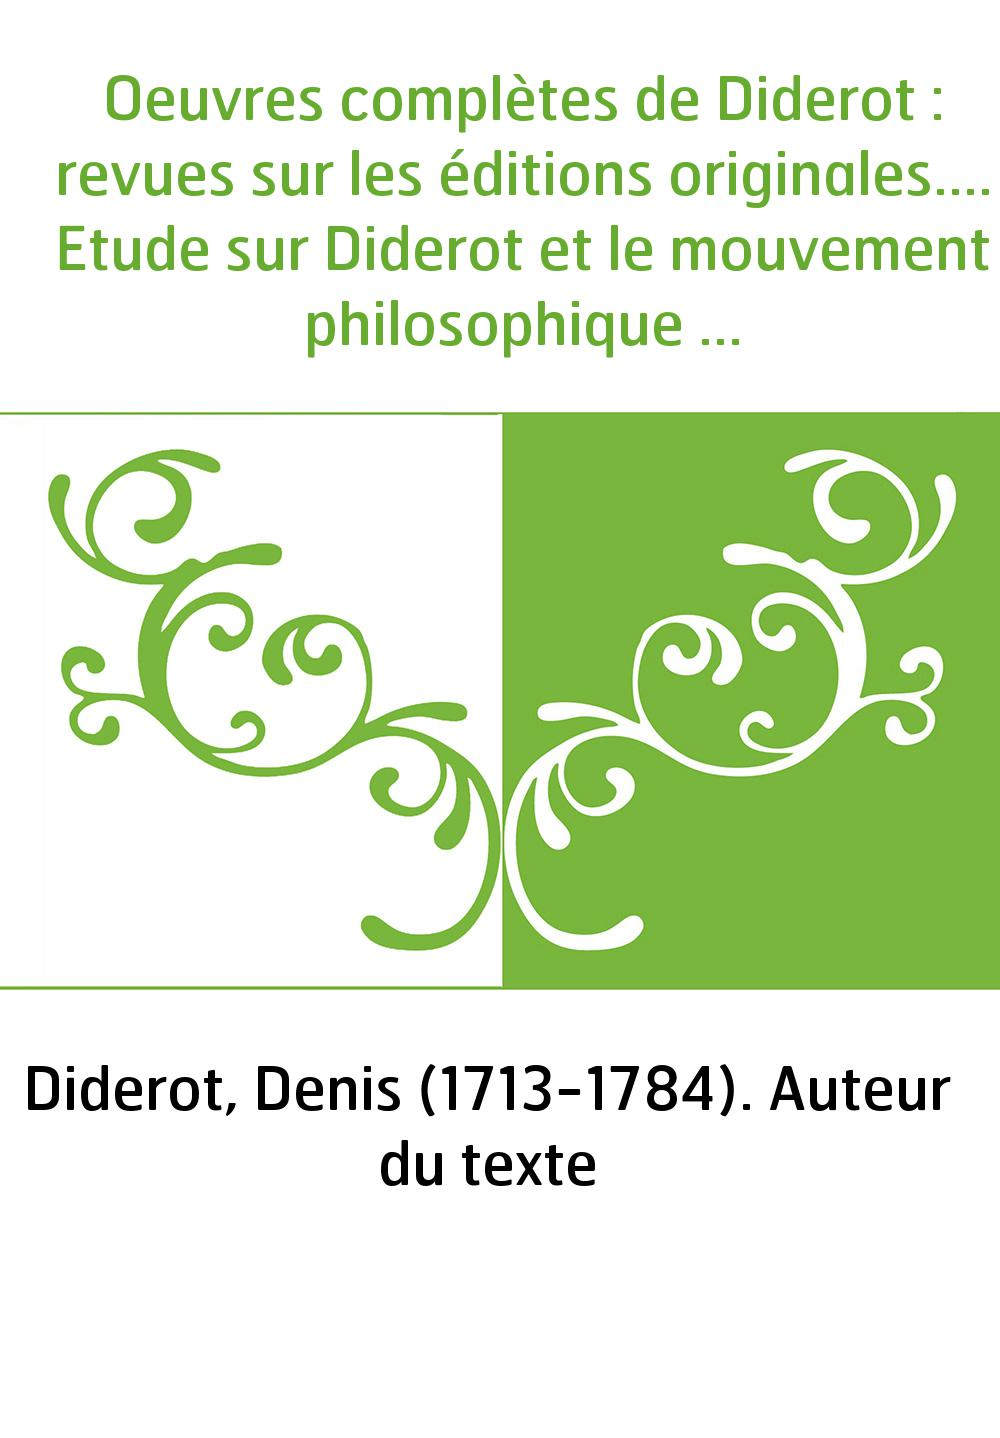 Oeuvres complètes de Diderot : revues sur les éditions originales.... Etude sur Diderot et le mouvement philosophique au XVIIIe